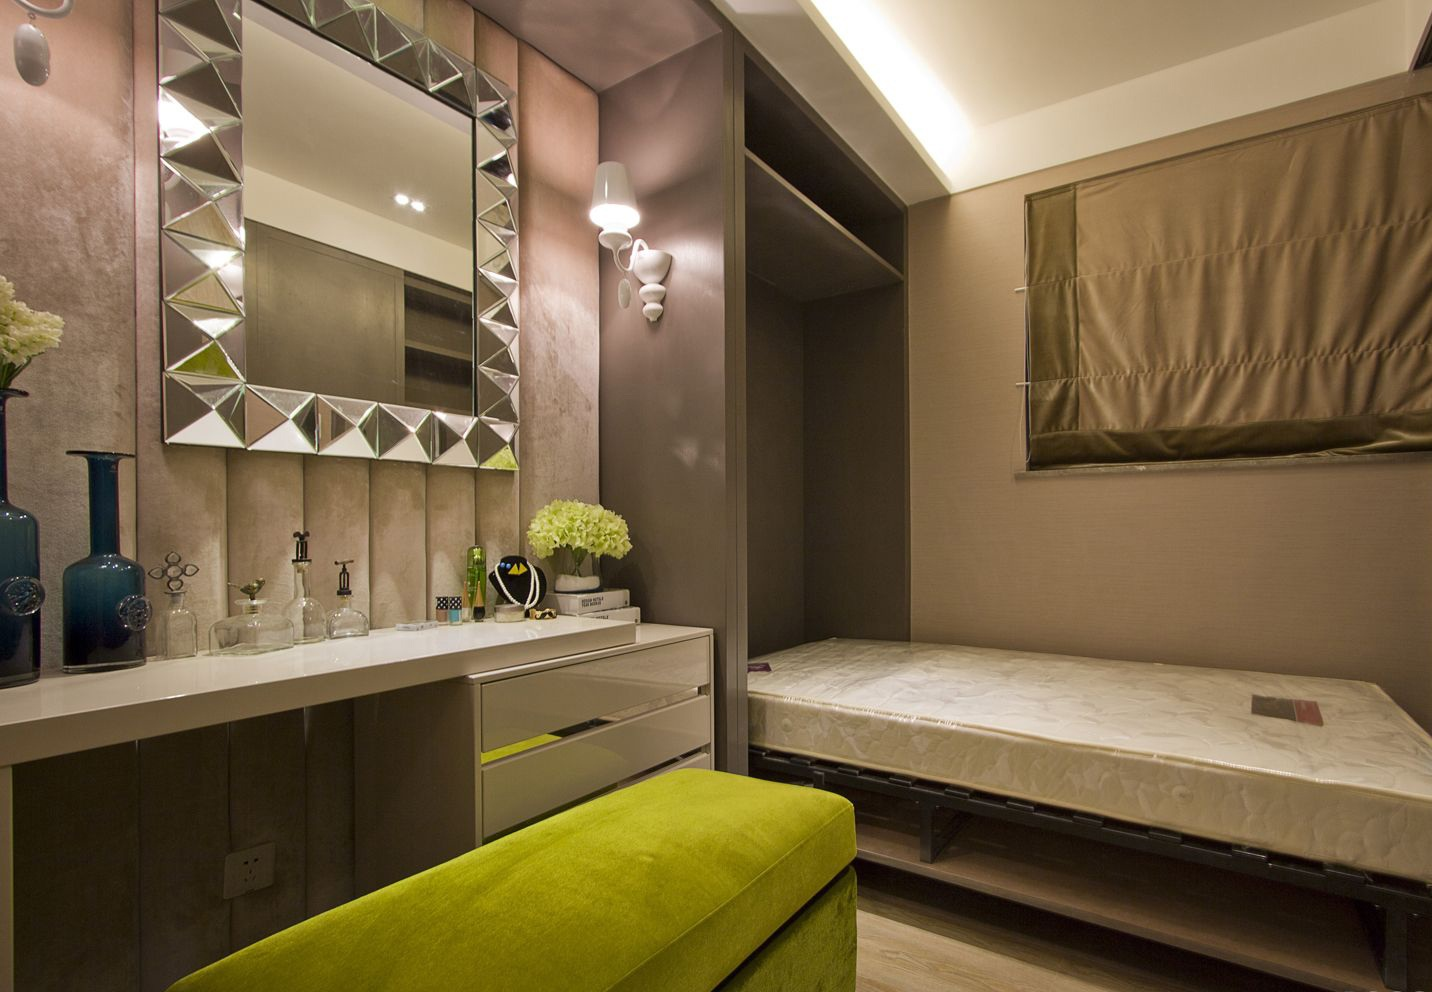 这间卧室中放置着简约的单人床,旁边的化妆台很是别致,绿色的座椅很是温馨时尚